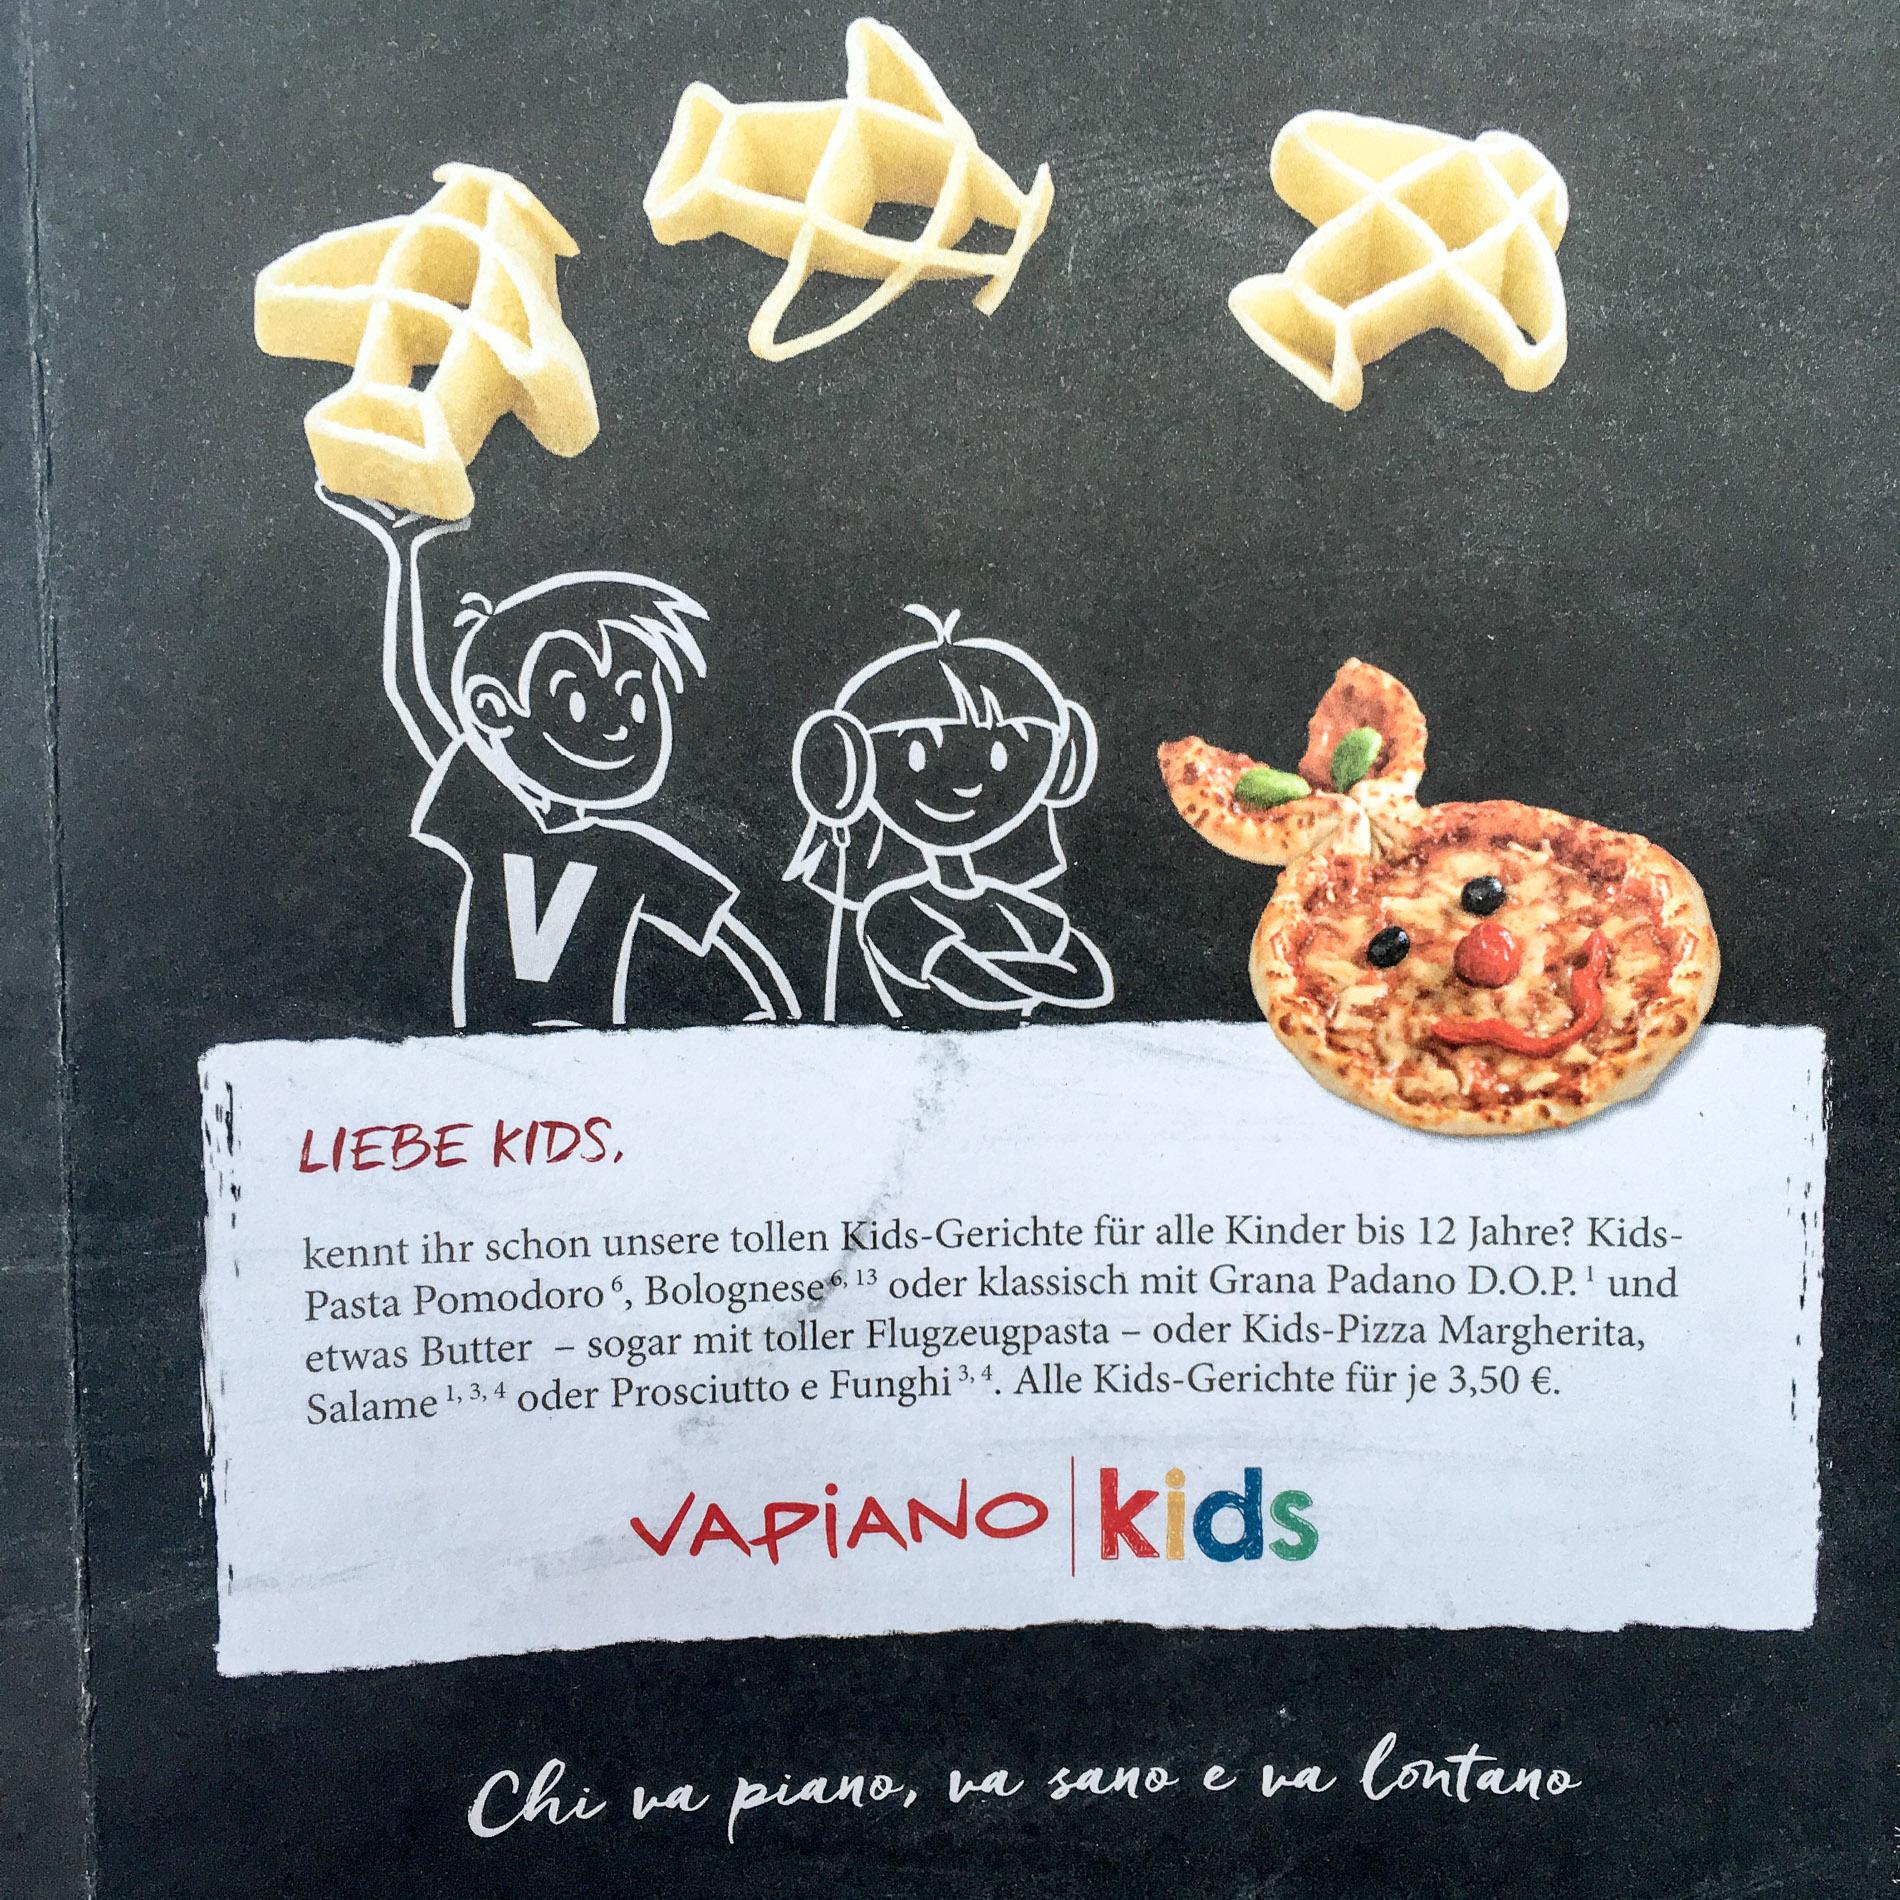 vapiano-glutenfreies-pizza-und-pasta-angebot-erfahrungsbericht2016-1-7